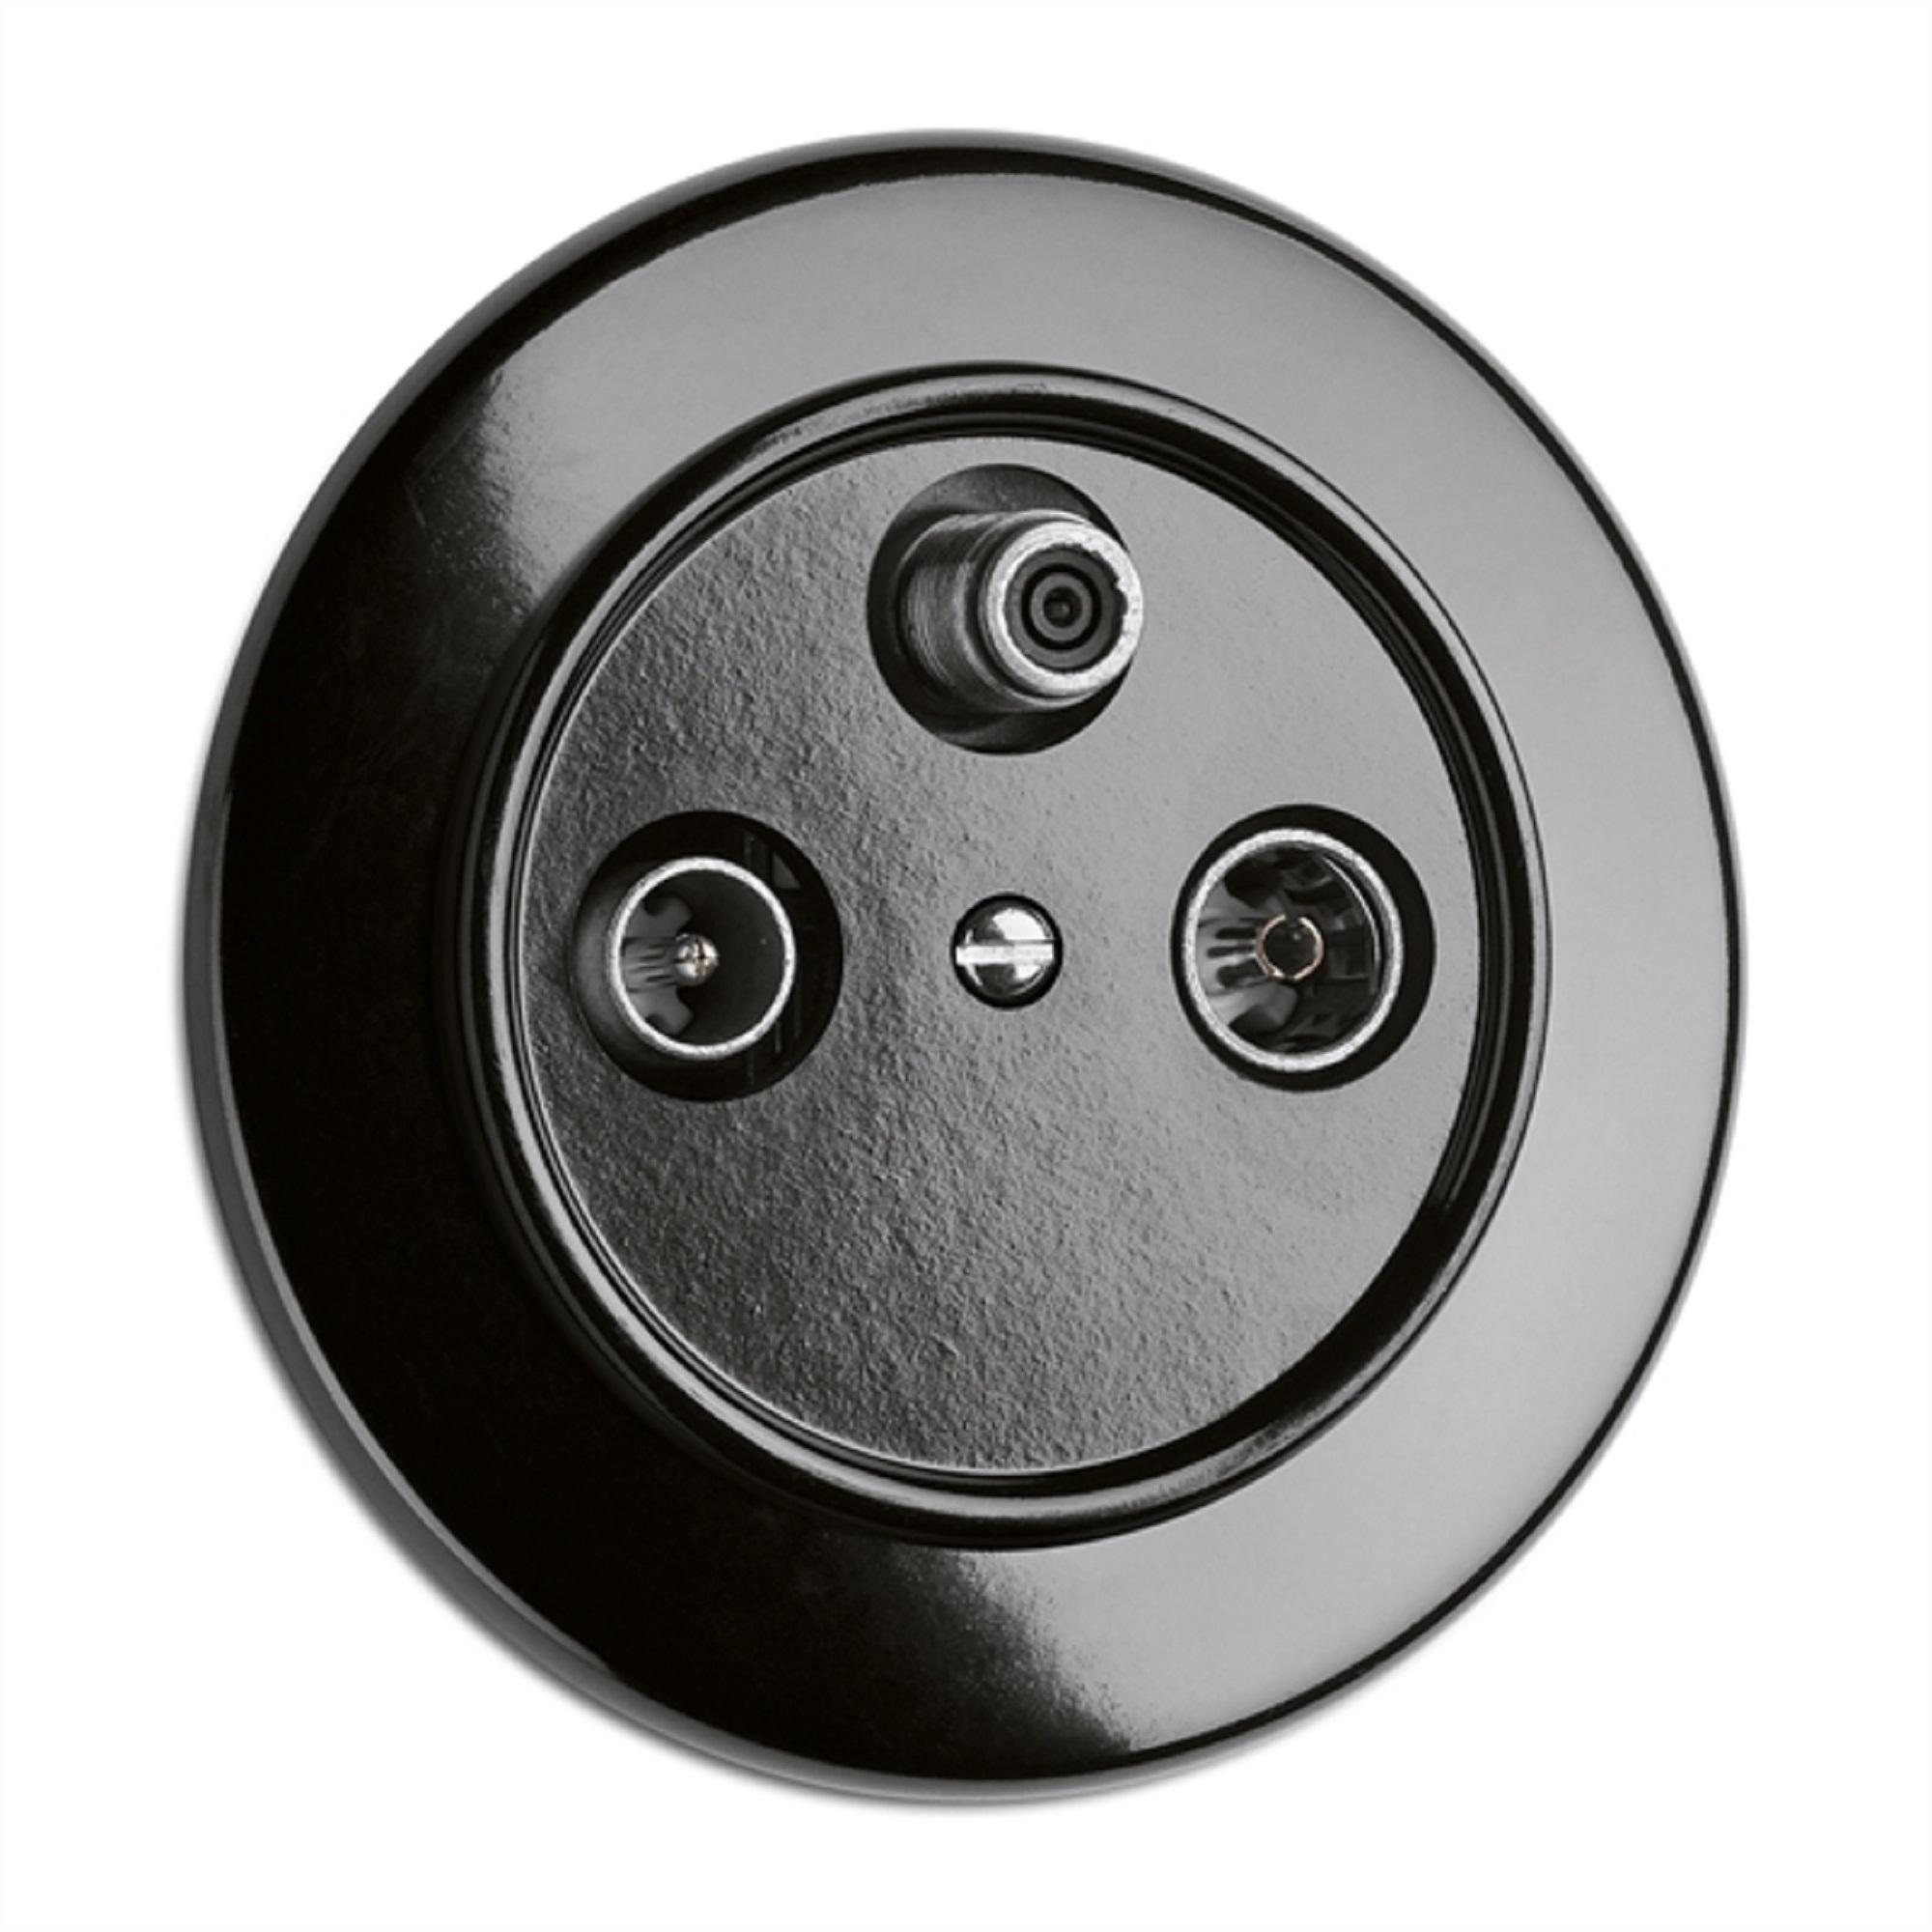 Antennensteckdose SAT, Unterputz-Schaltersystem Bakelit schwarz mit runder Abdeckung